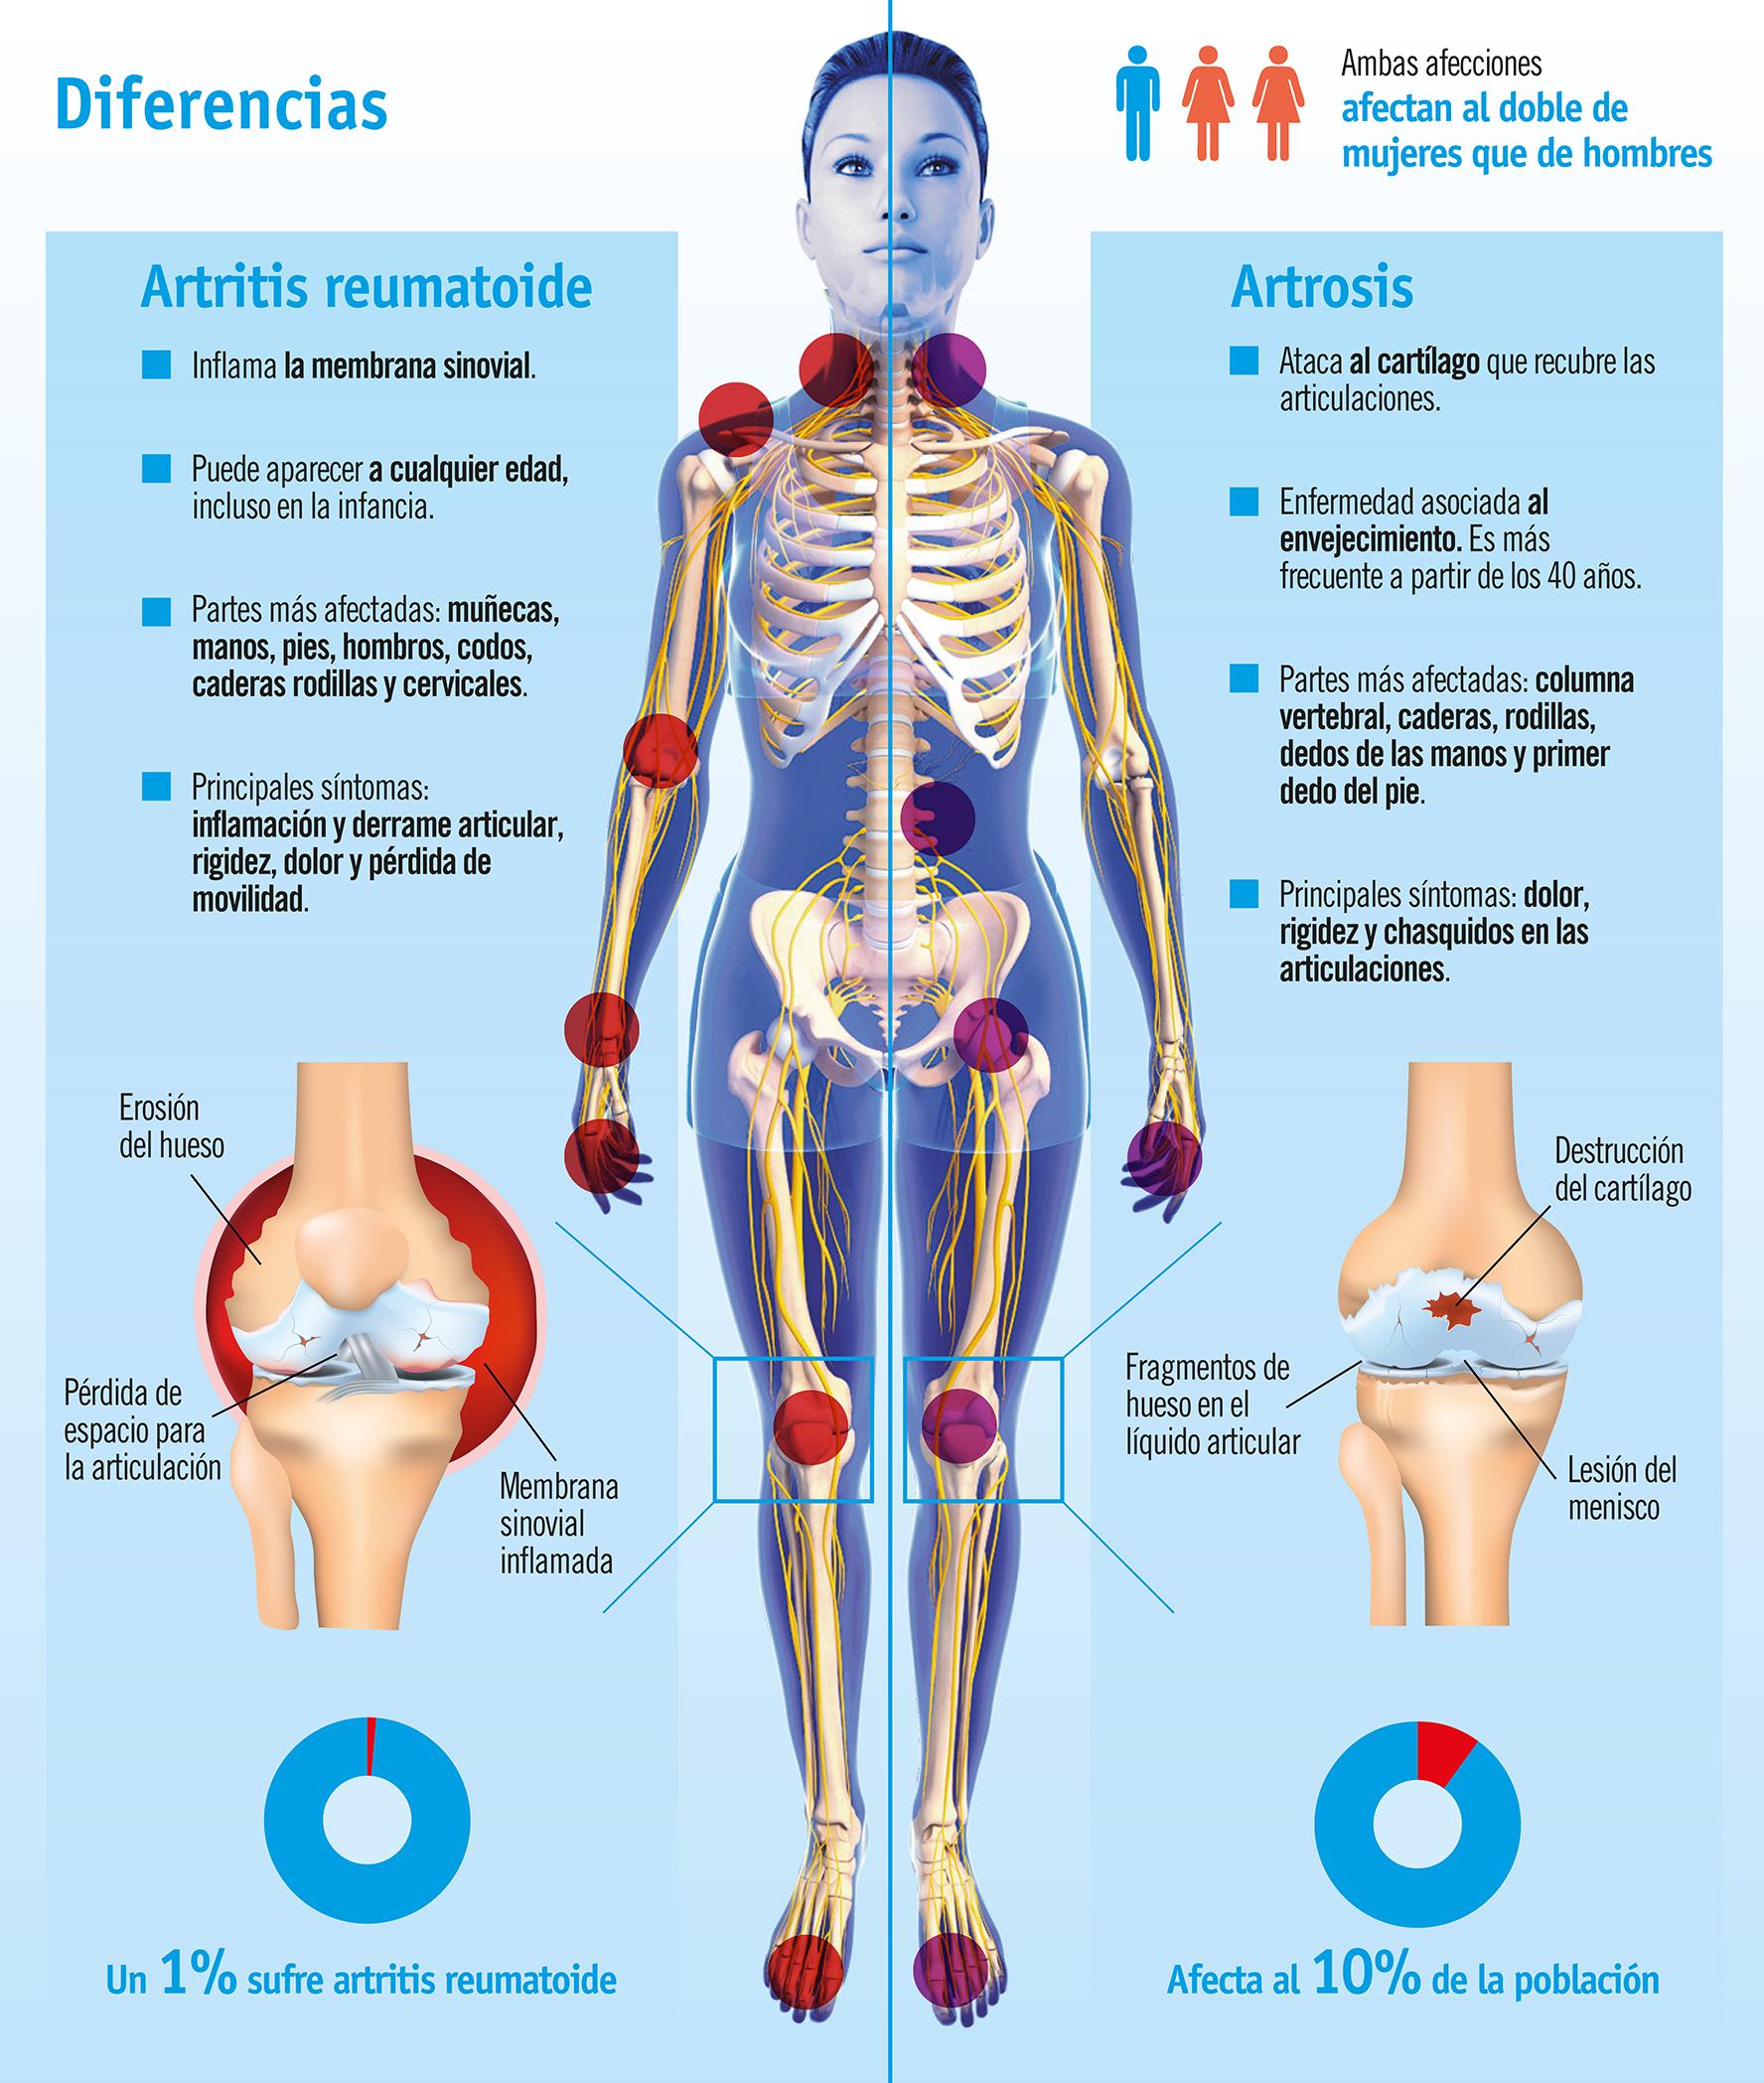 Artrosis y artritis, dolor en las articulaciones